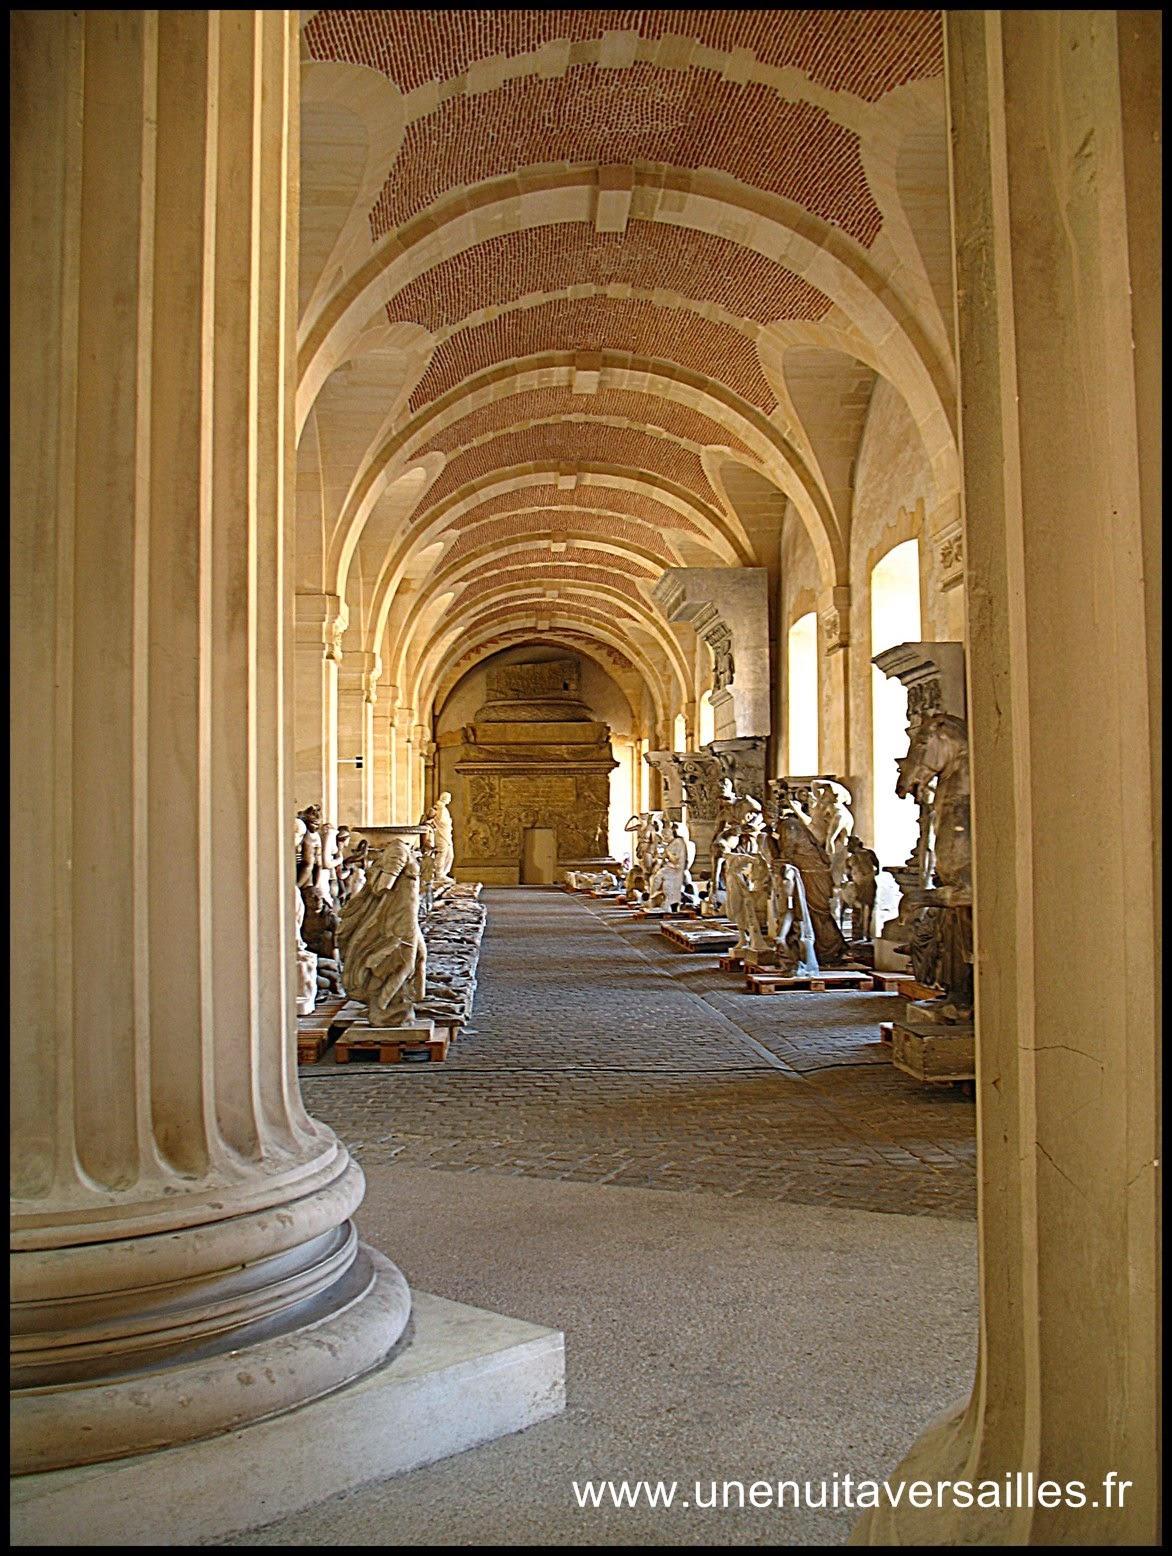 Gîte urbain chambre d'hôtes Une Nuit à Versailles petites écuries grandes écuries